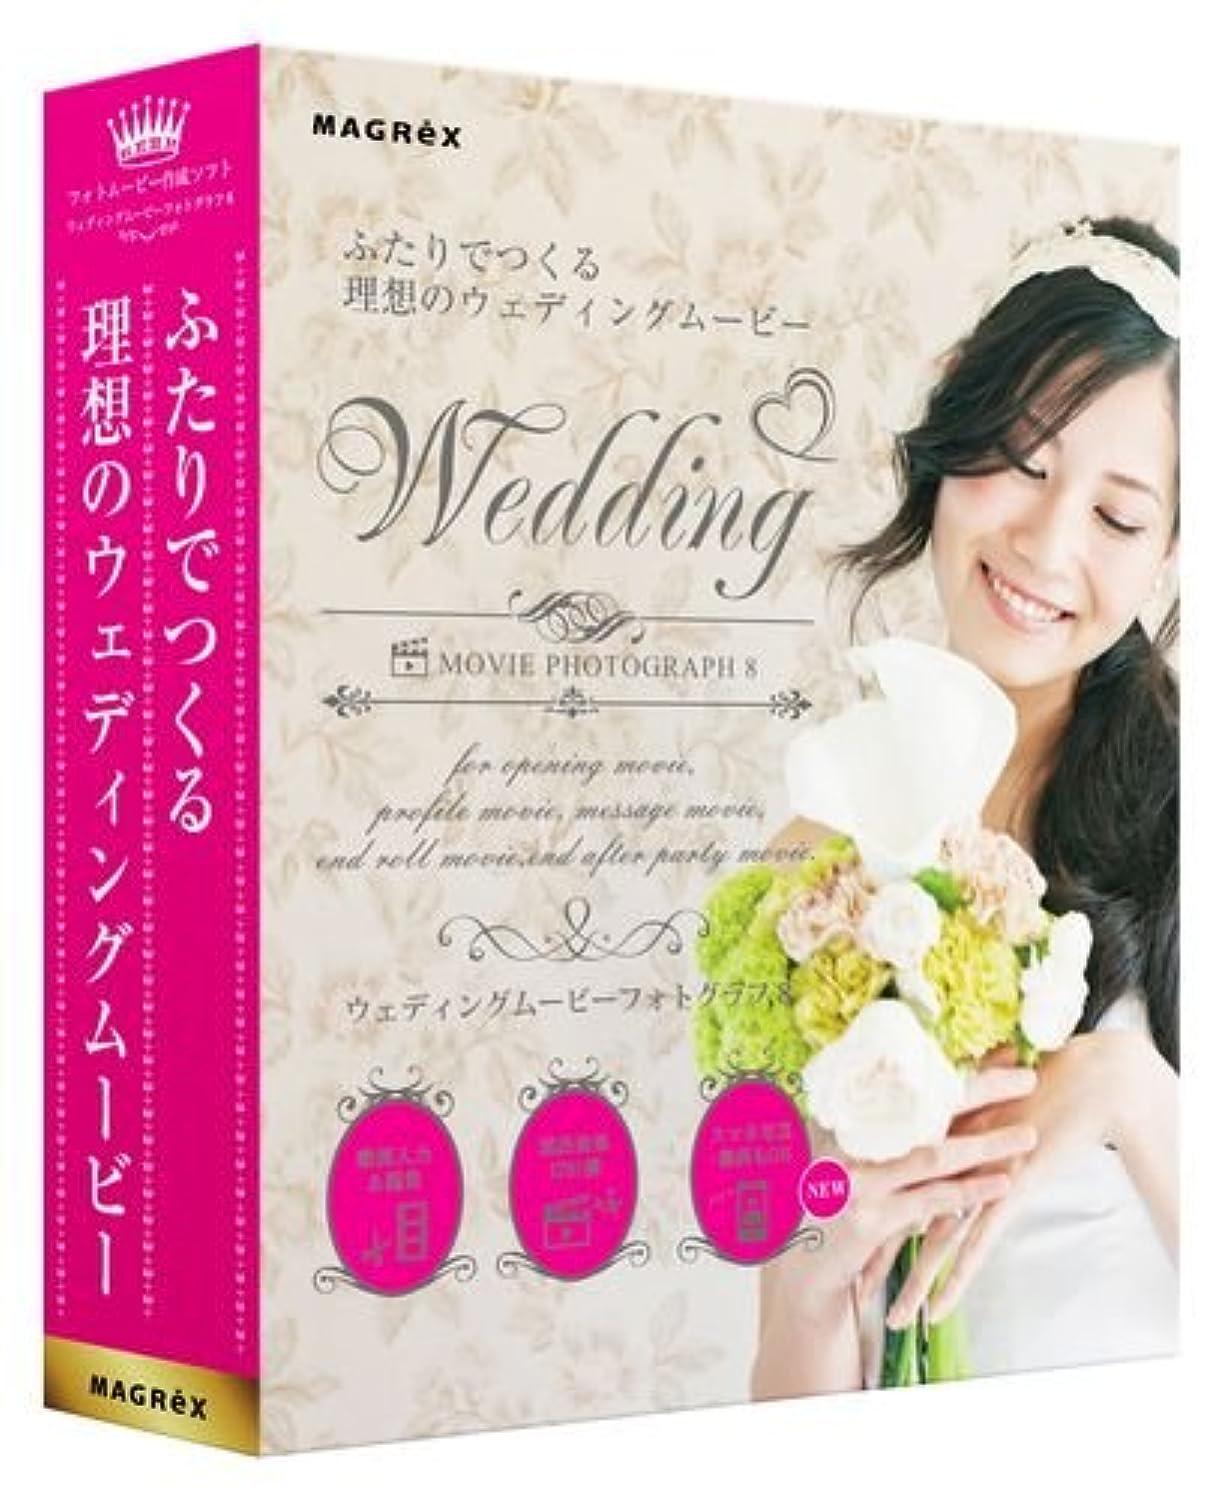 苗縫い目開梱マグレックス Wedding MOVIE PHOTOGRAPH 8